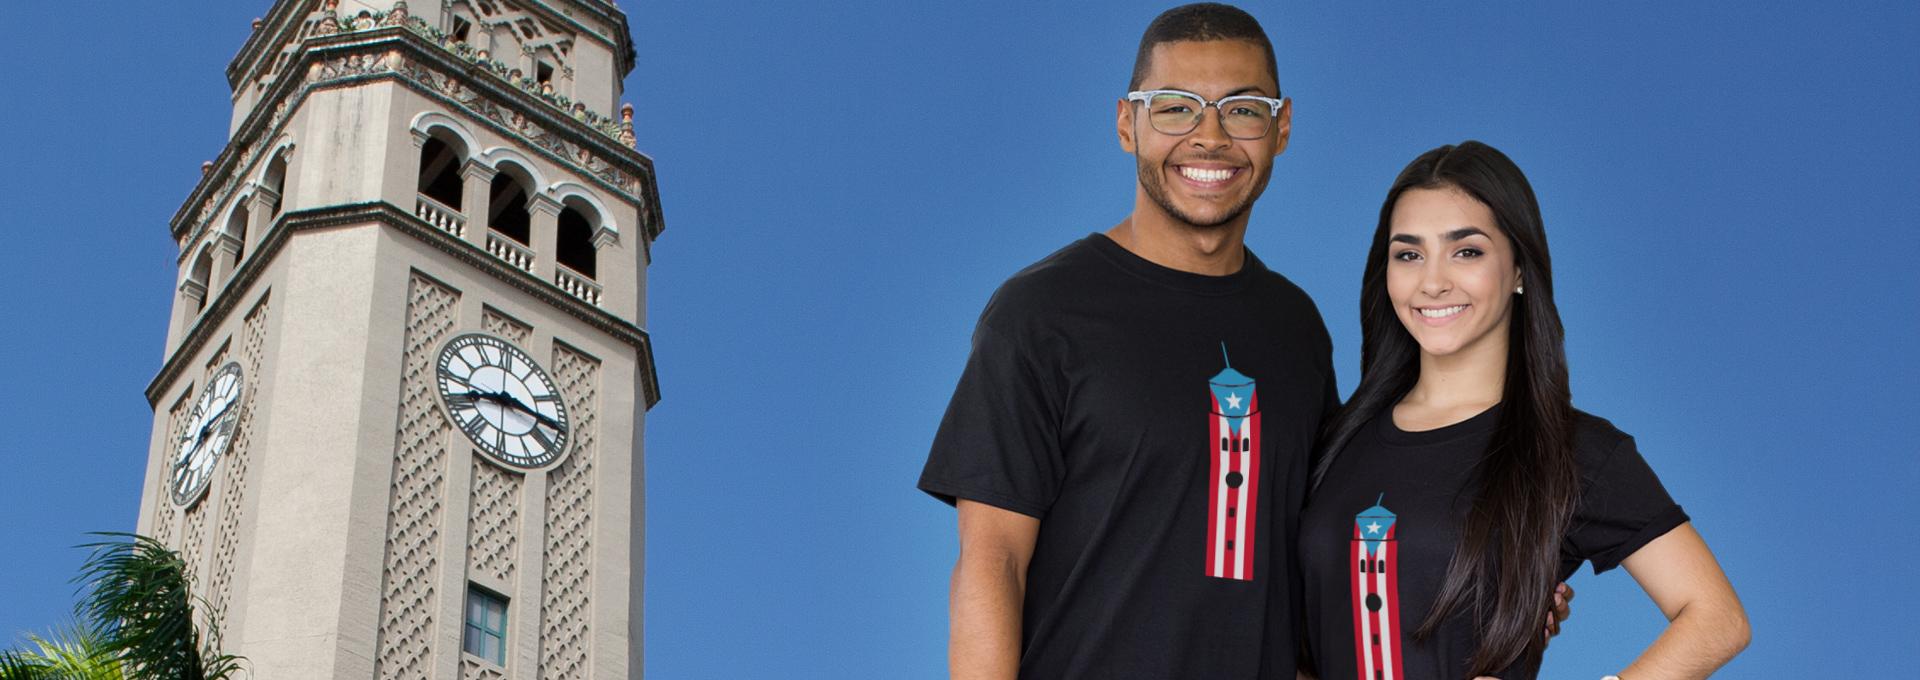 estudiantes con tshirt torre y bandera puerto rico